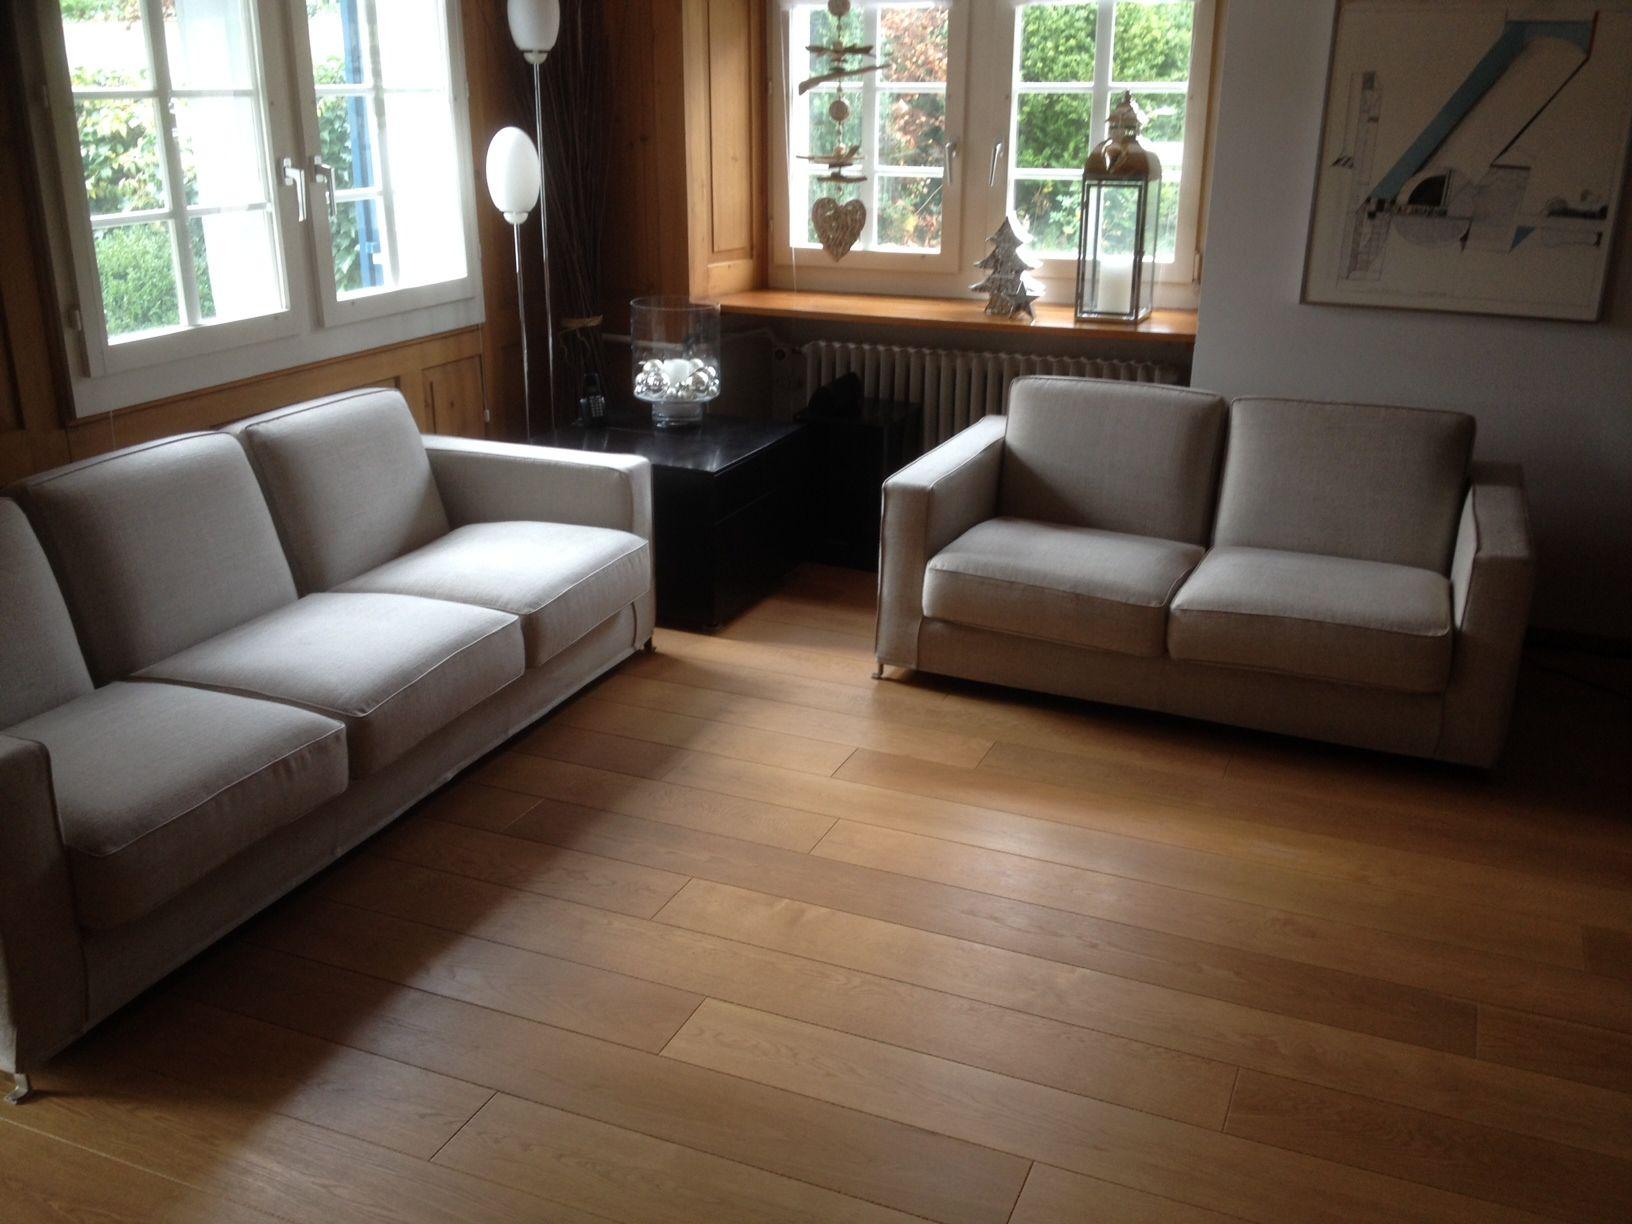 Wohnideen Luzern flexfrom bob sofa neu bezüge myflexform referenzen wohnidee